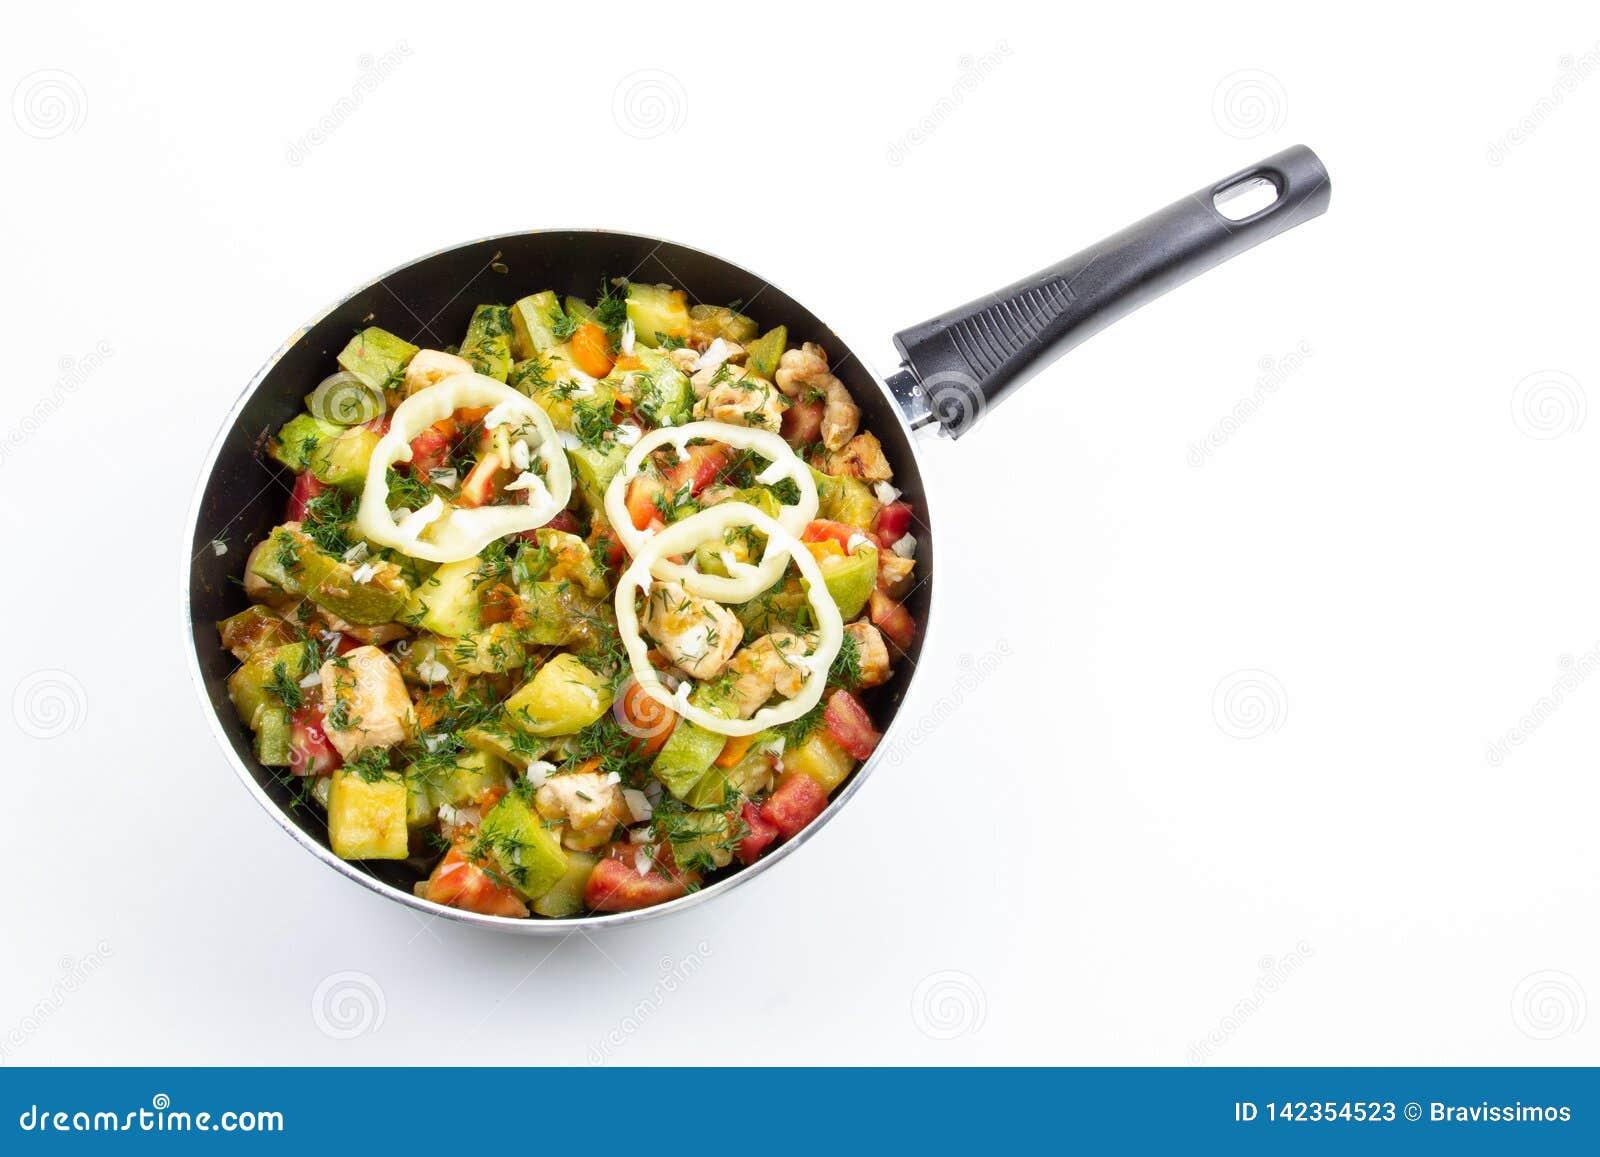 Pollo zanahoria y calabacín en la comida vegetal de la cacerola, cocina